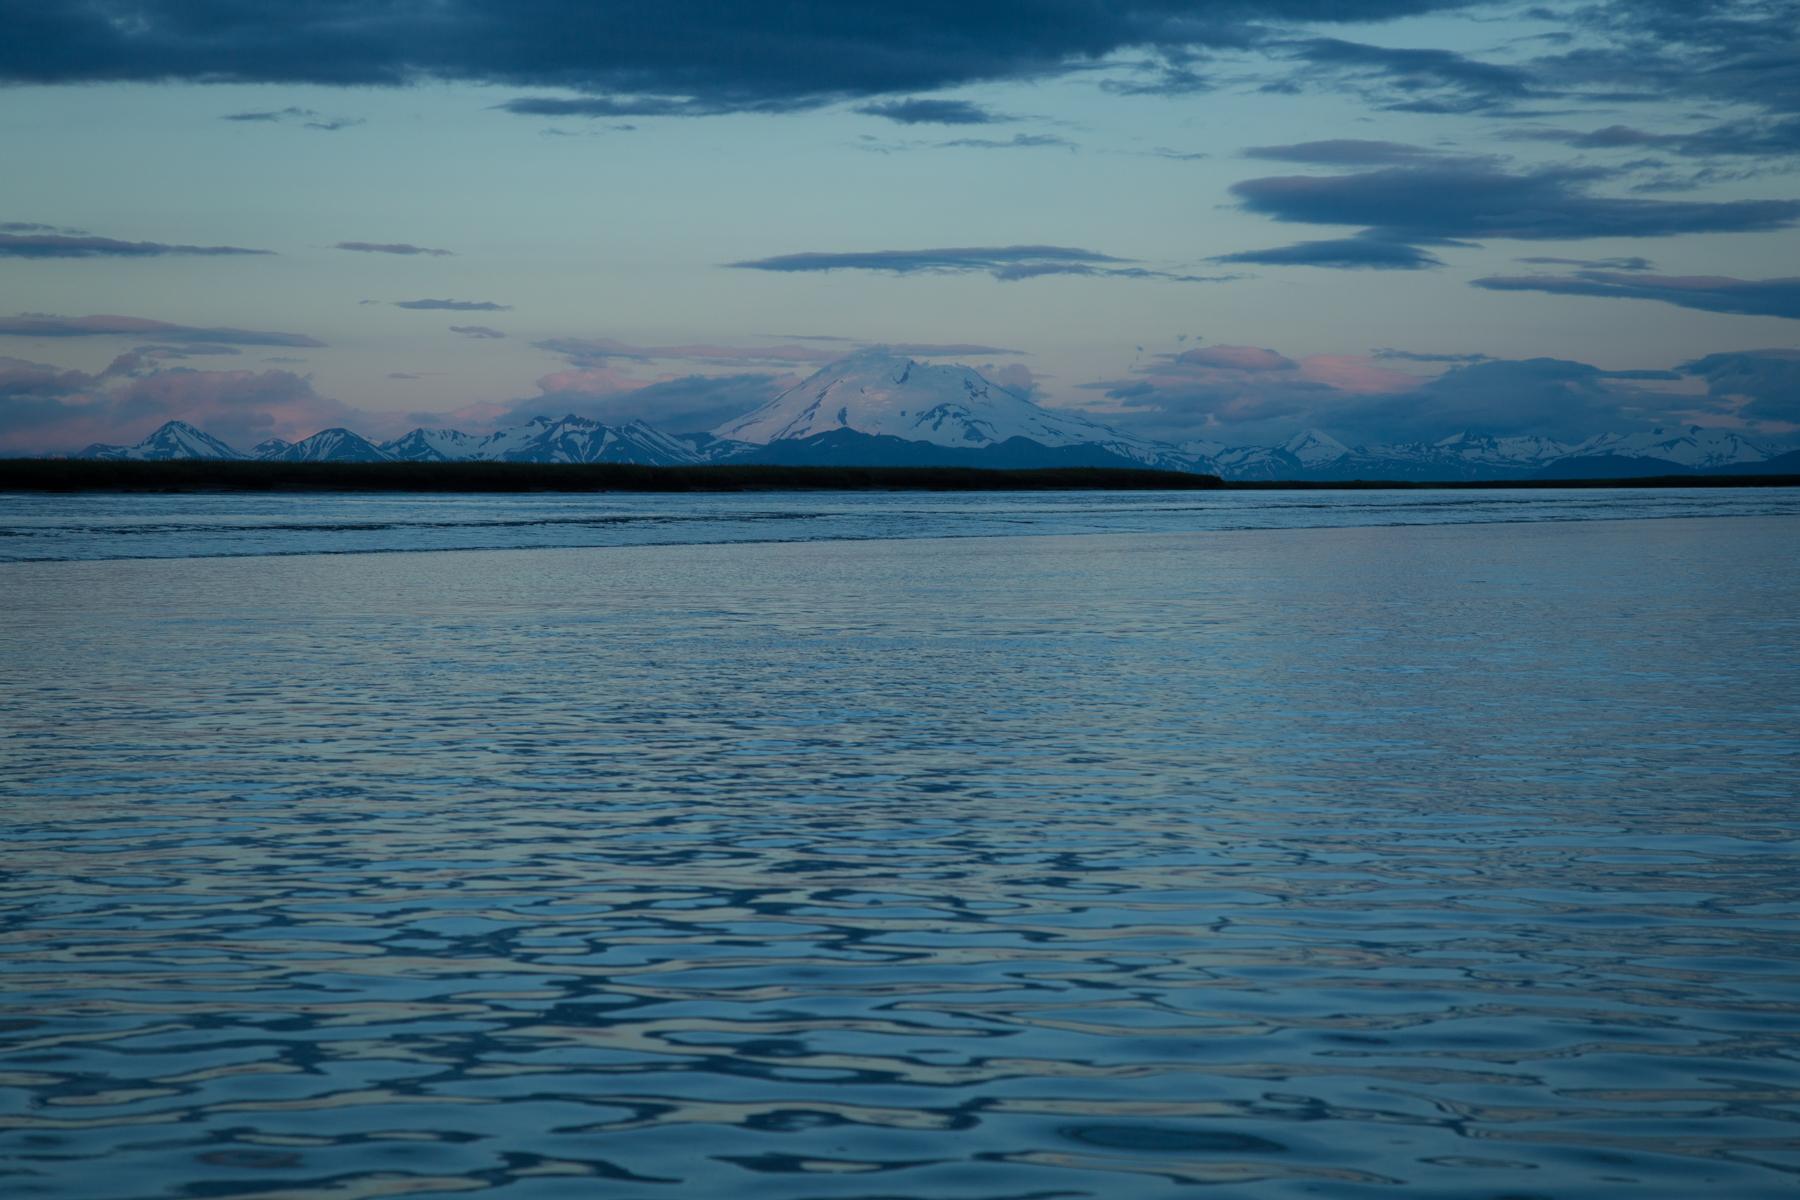 2016_06_27_Alaska_Fishing_BOAT_5DMK3_STILLS_0101.JPG